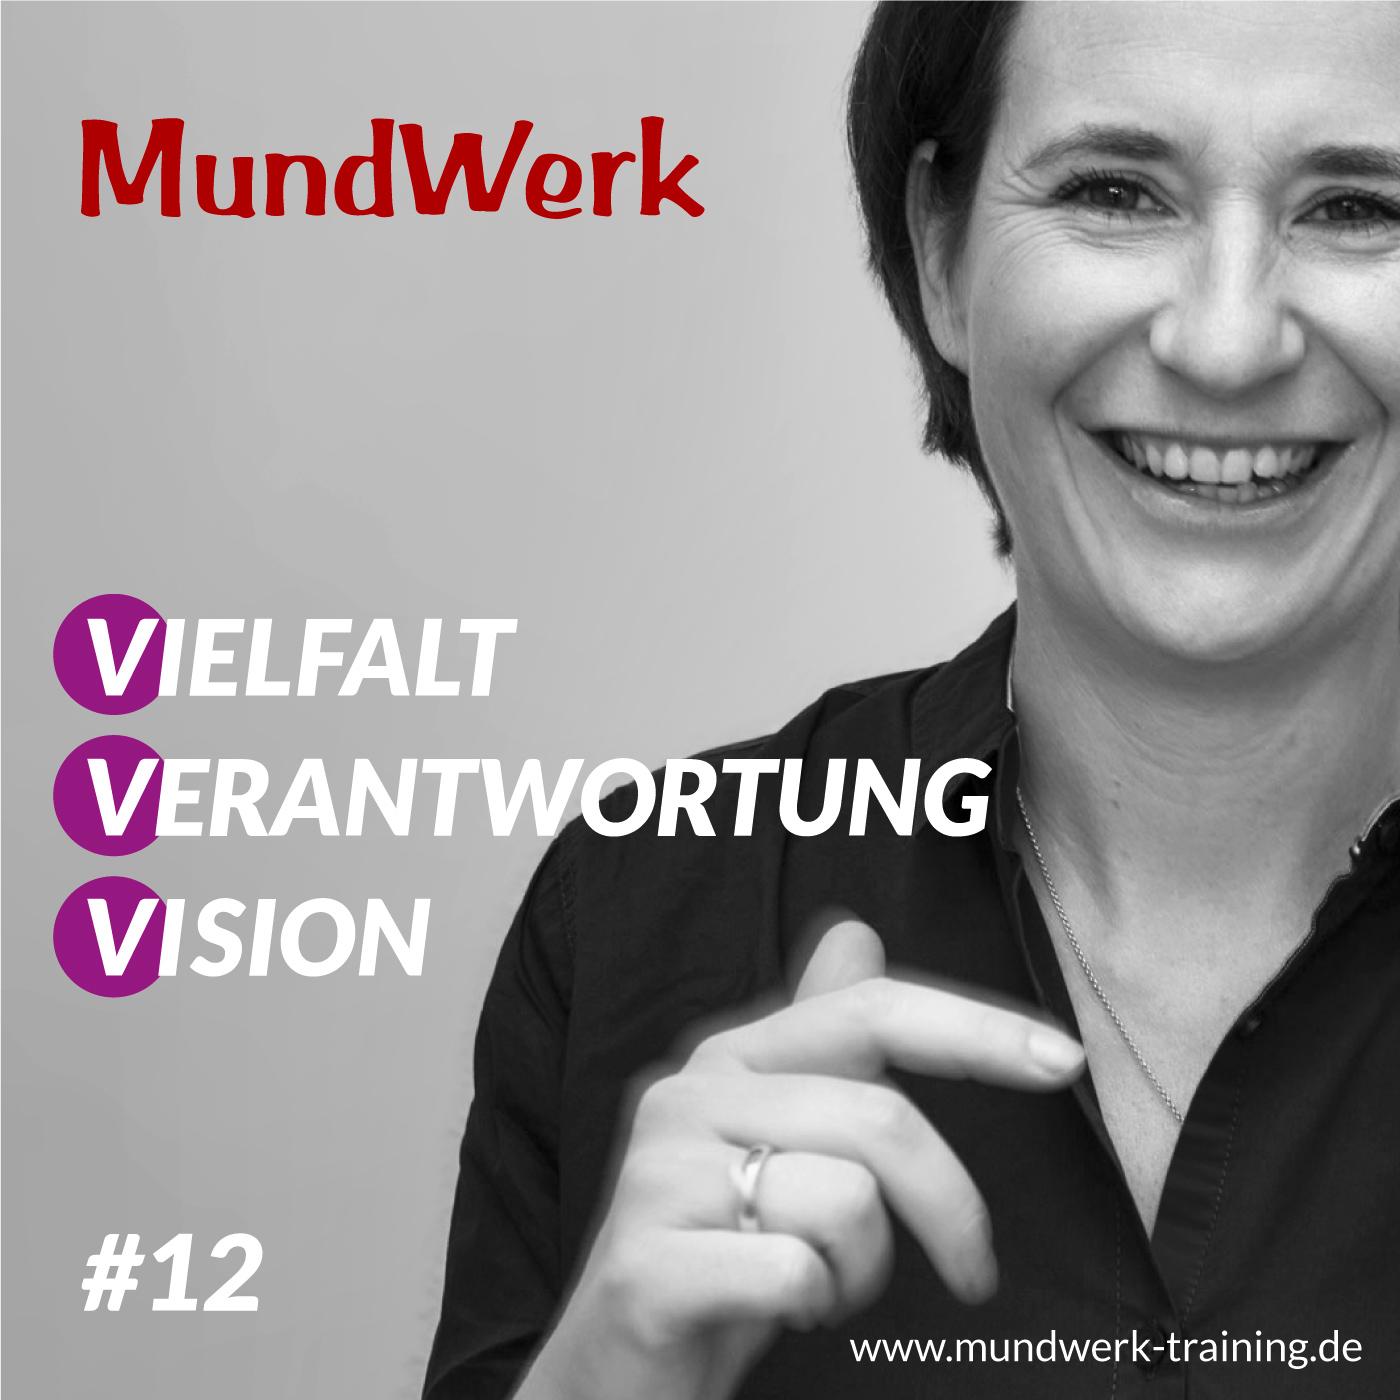 Vielfalt Verantwortung Vision - Der Podcast von MundWerk Training